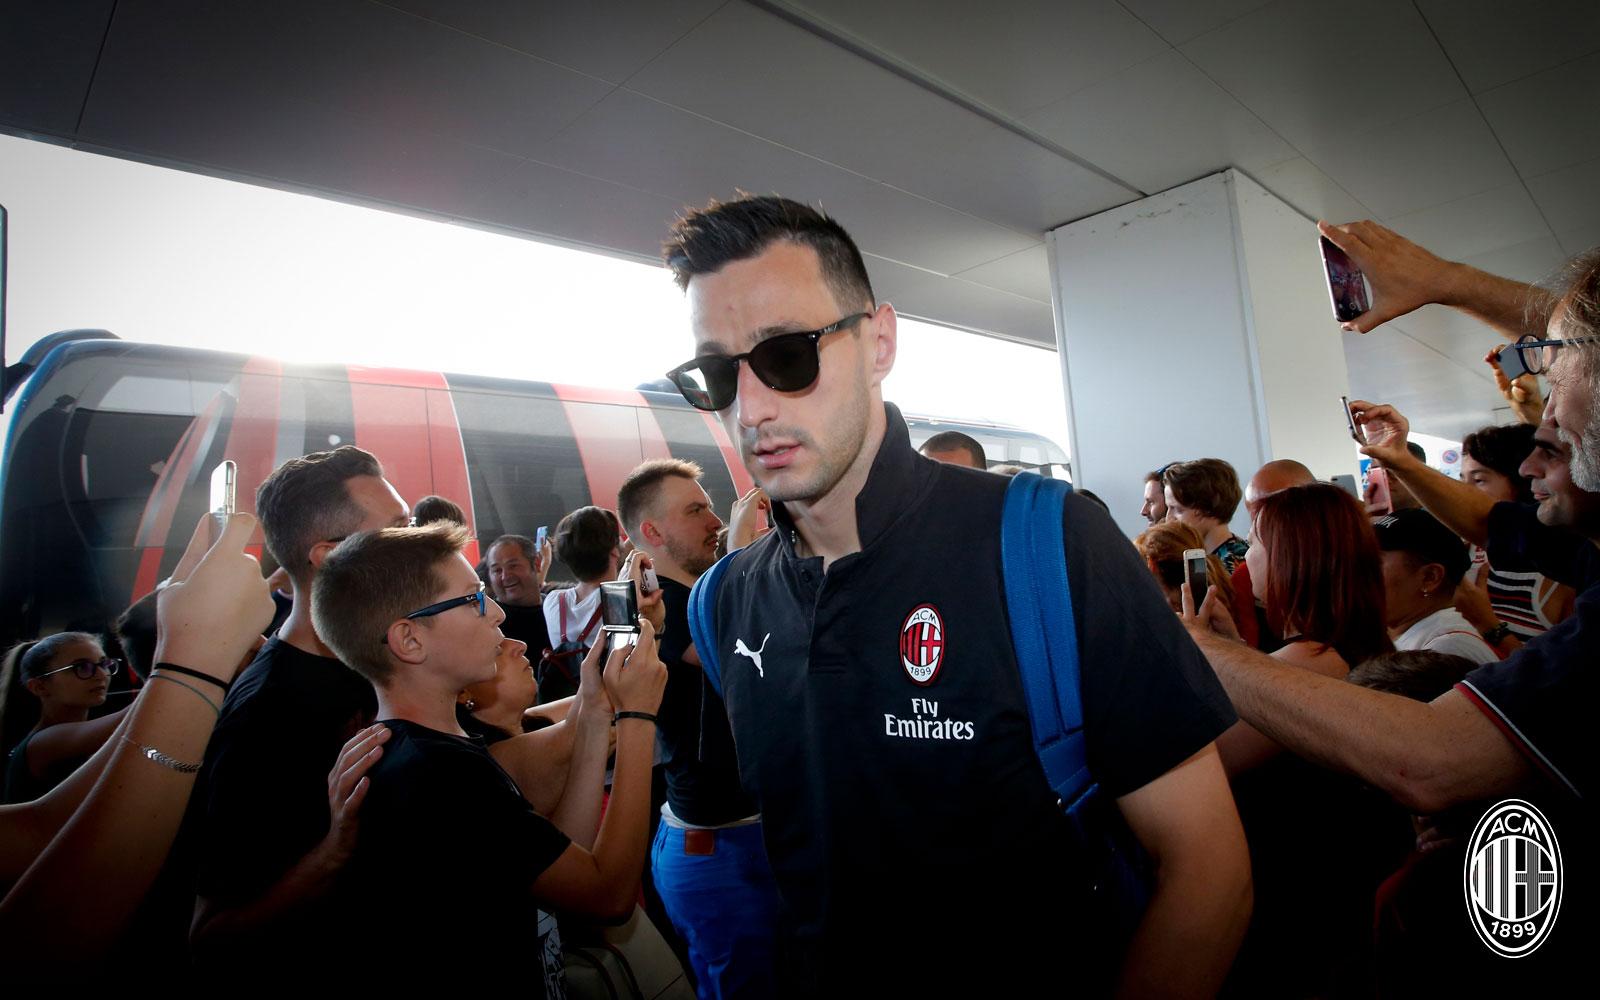 Nikola Kalinic at Linate airport on July 22, 2018. (@acmilan.com)